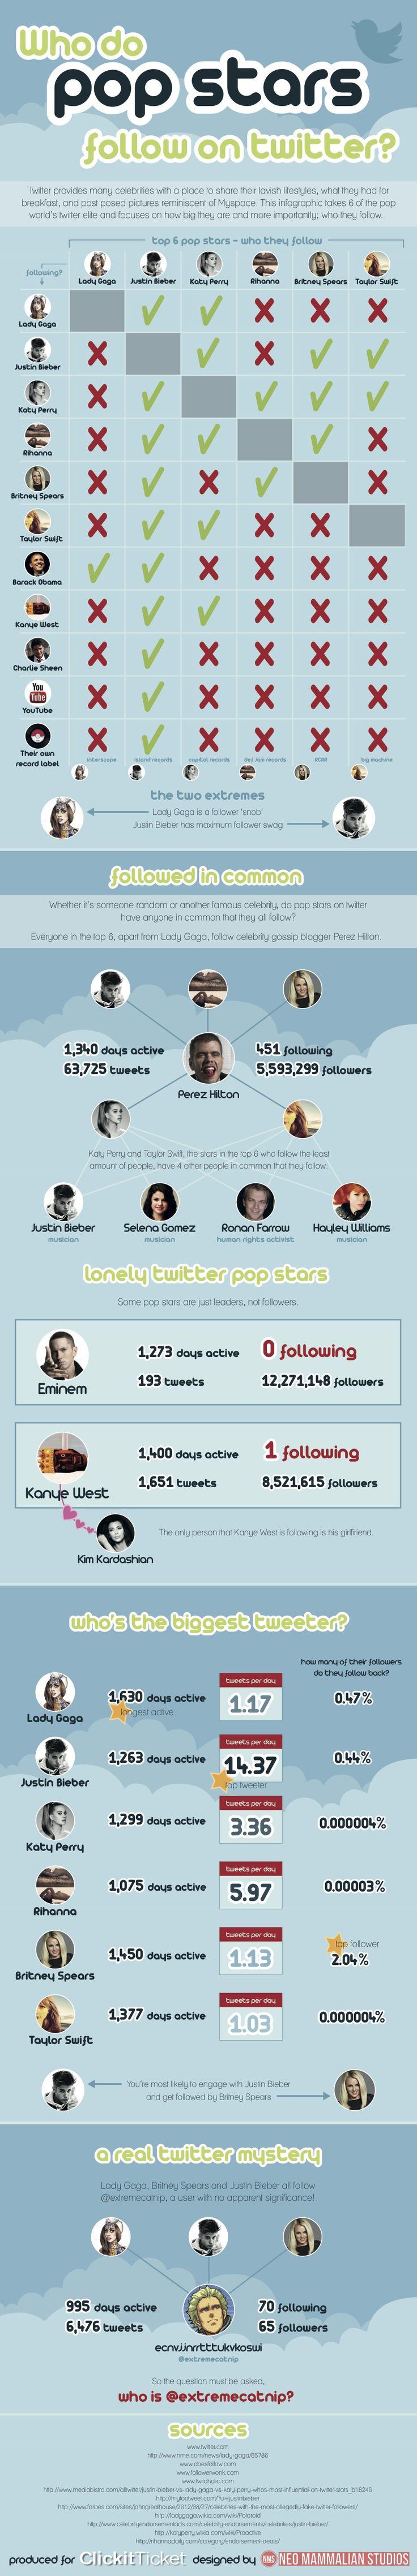 Who Do Pop Stars Follow On Twi